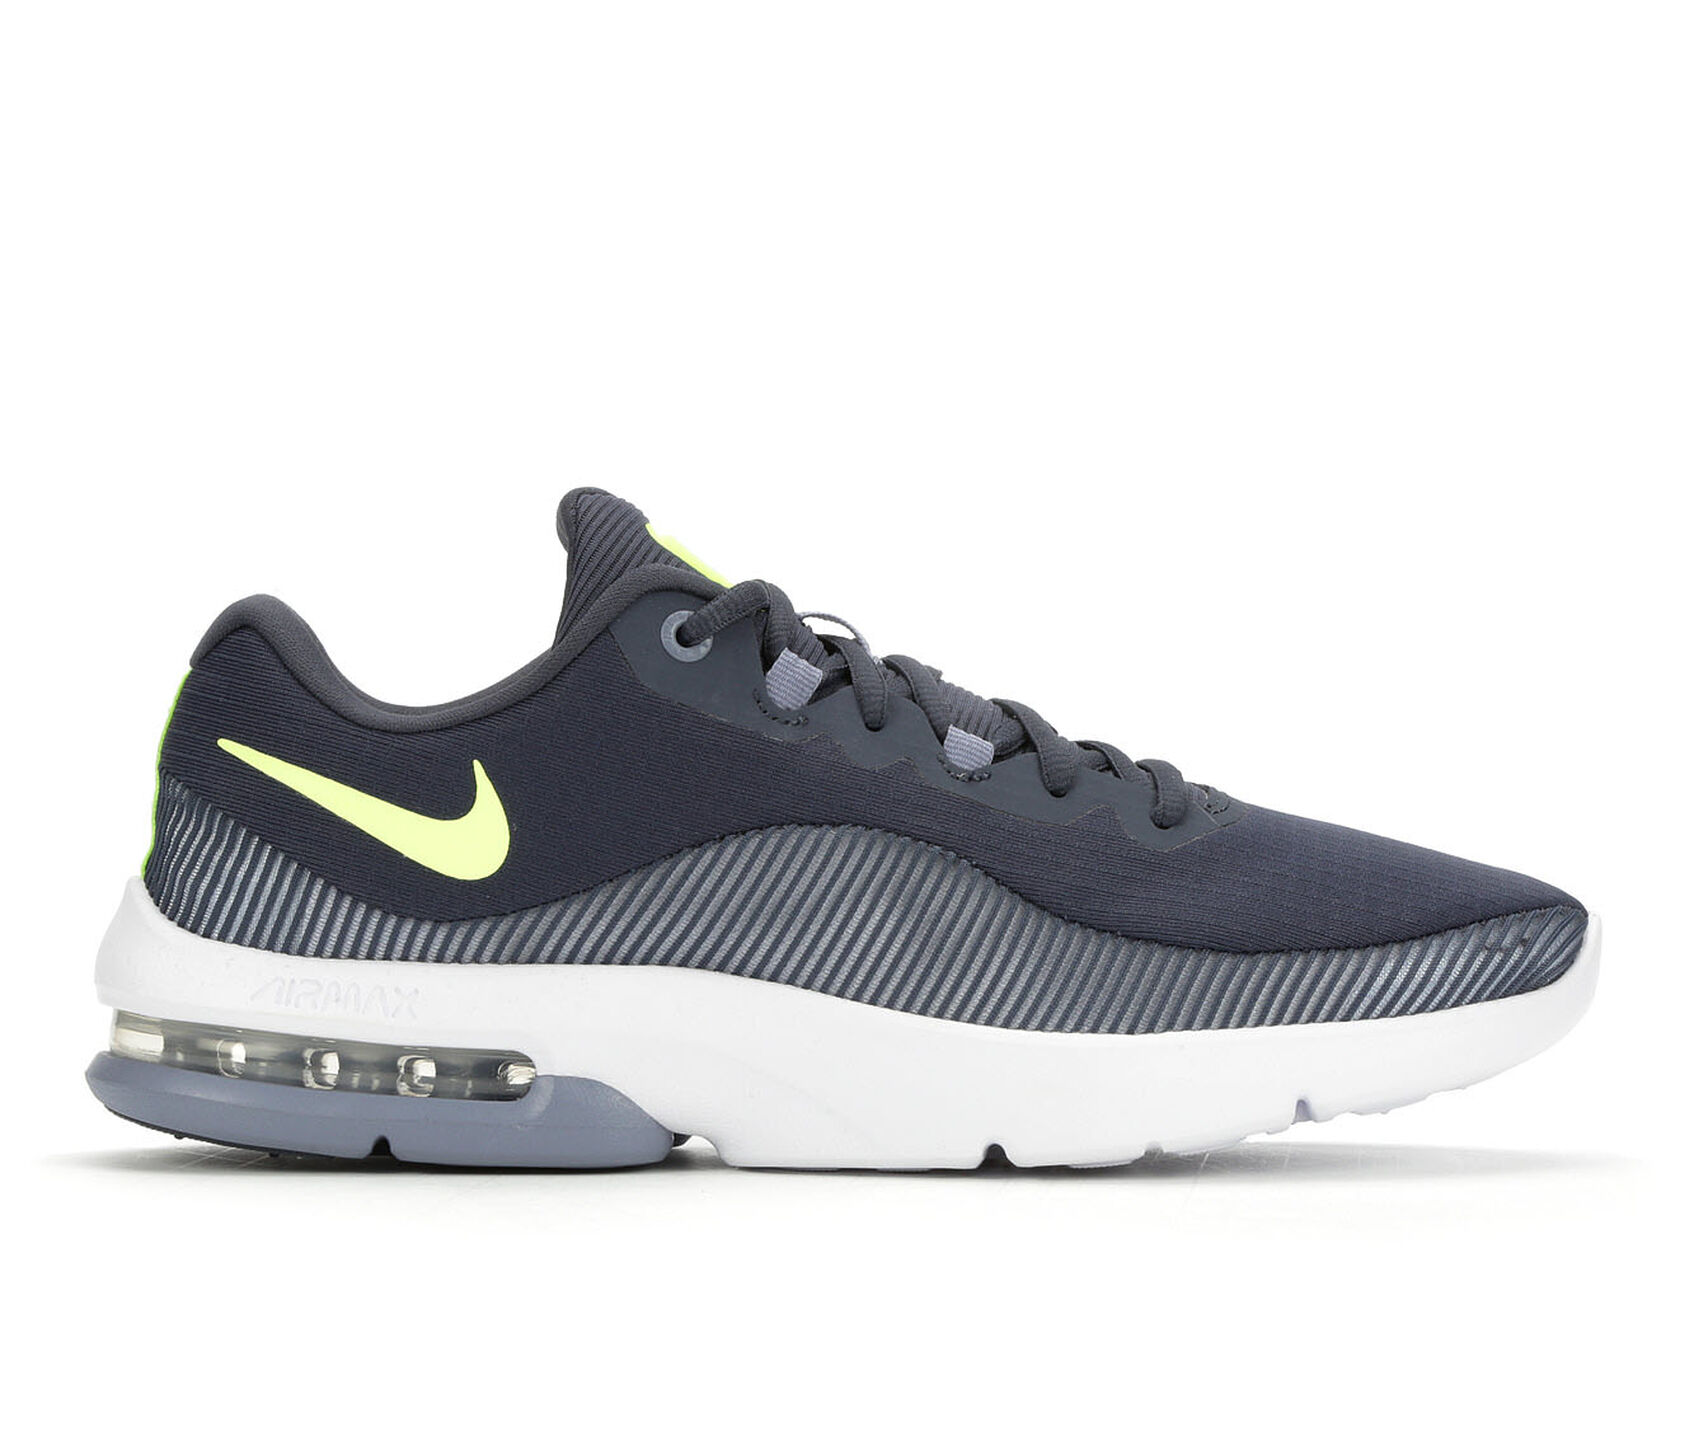 ... Nike Air Max Advantage 2 Running Shoes. Carousel Controls Previous 28b779ba6